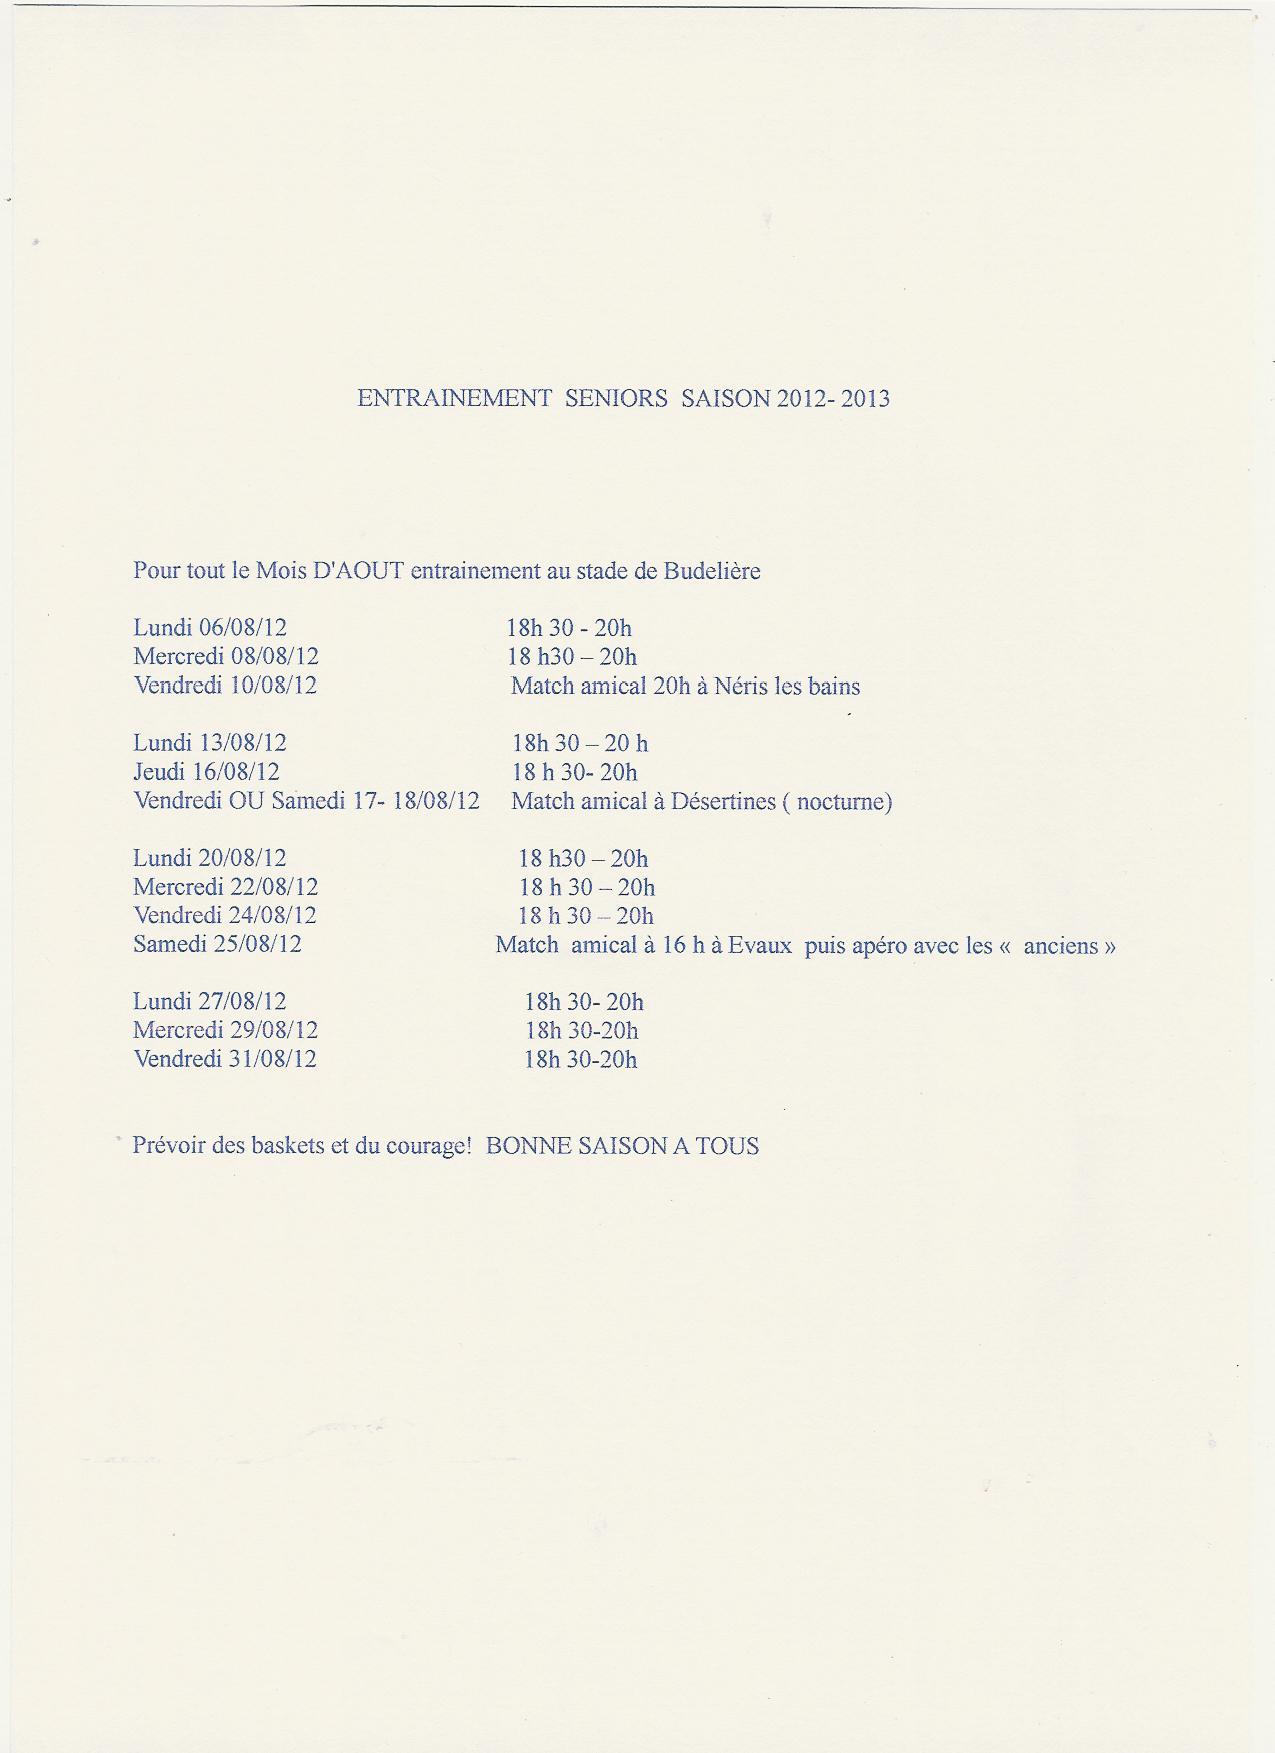 Programme d'entrainement